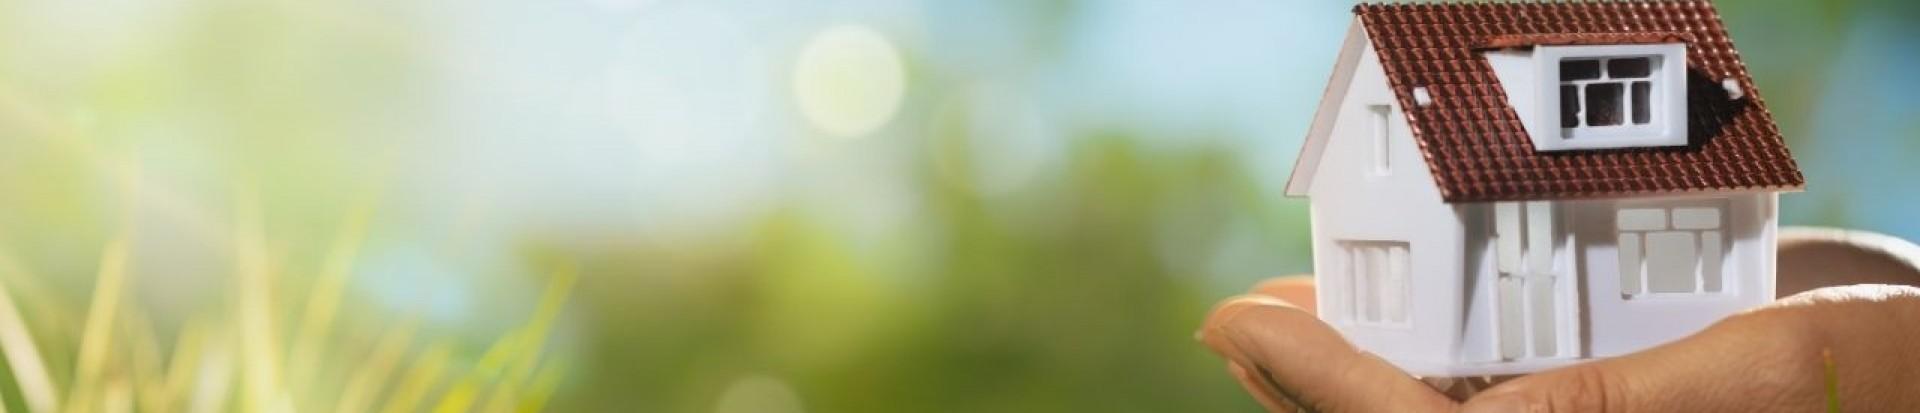 Wybierz eko dom! Ekologiczne gospodarstwo domowe i jego zalety